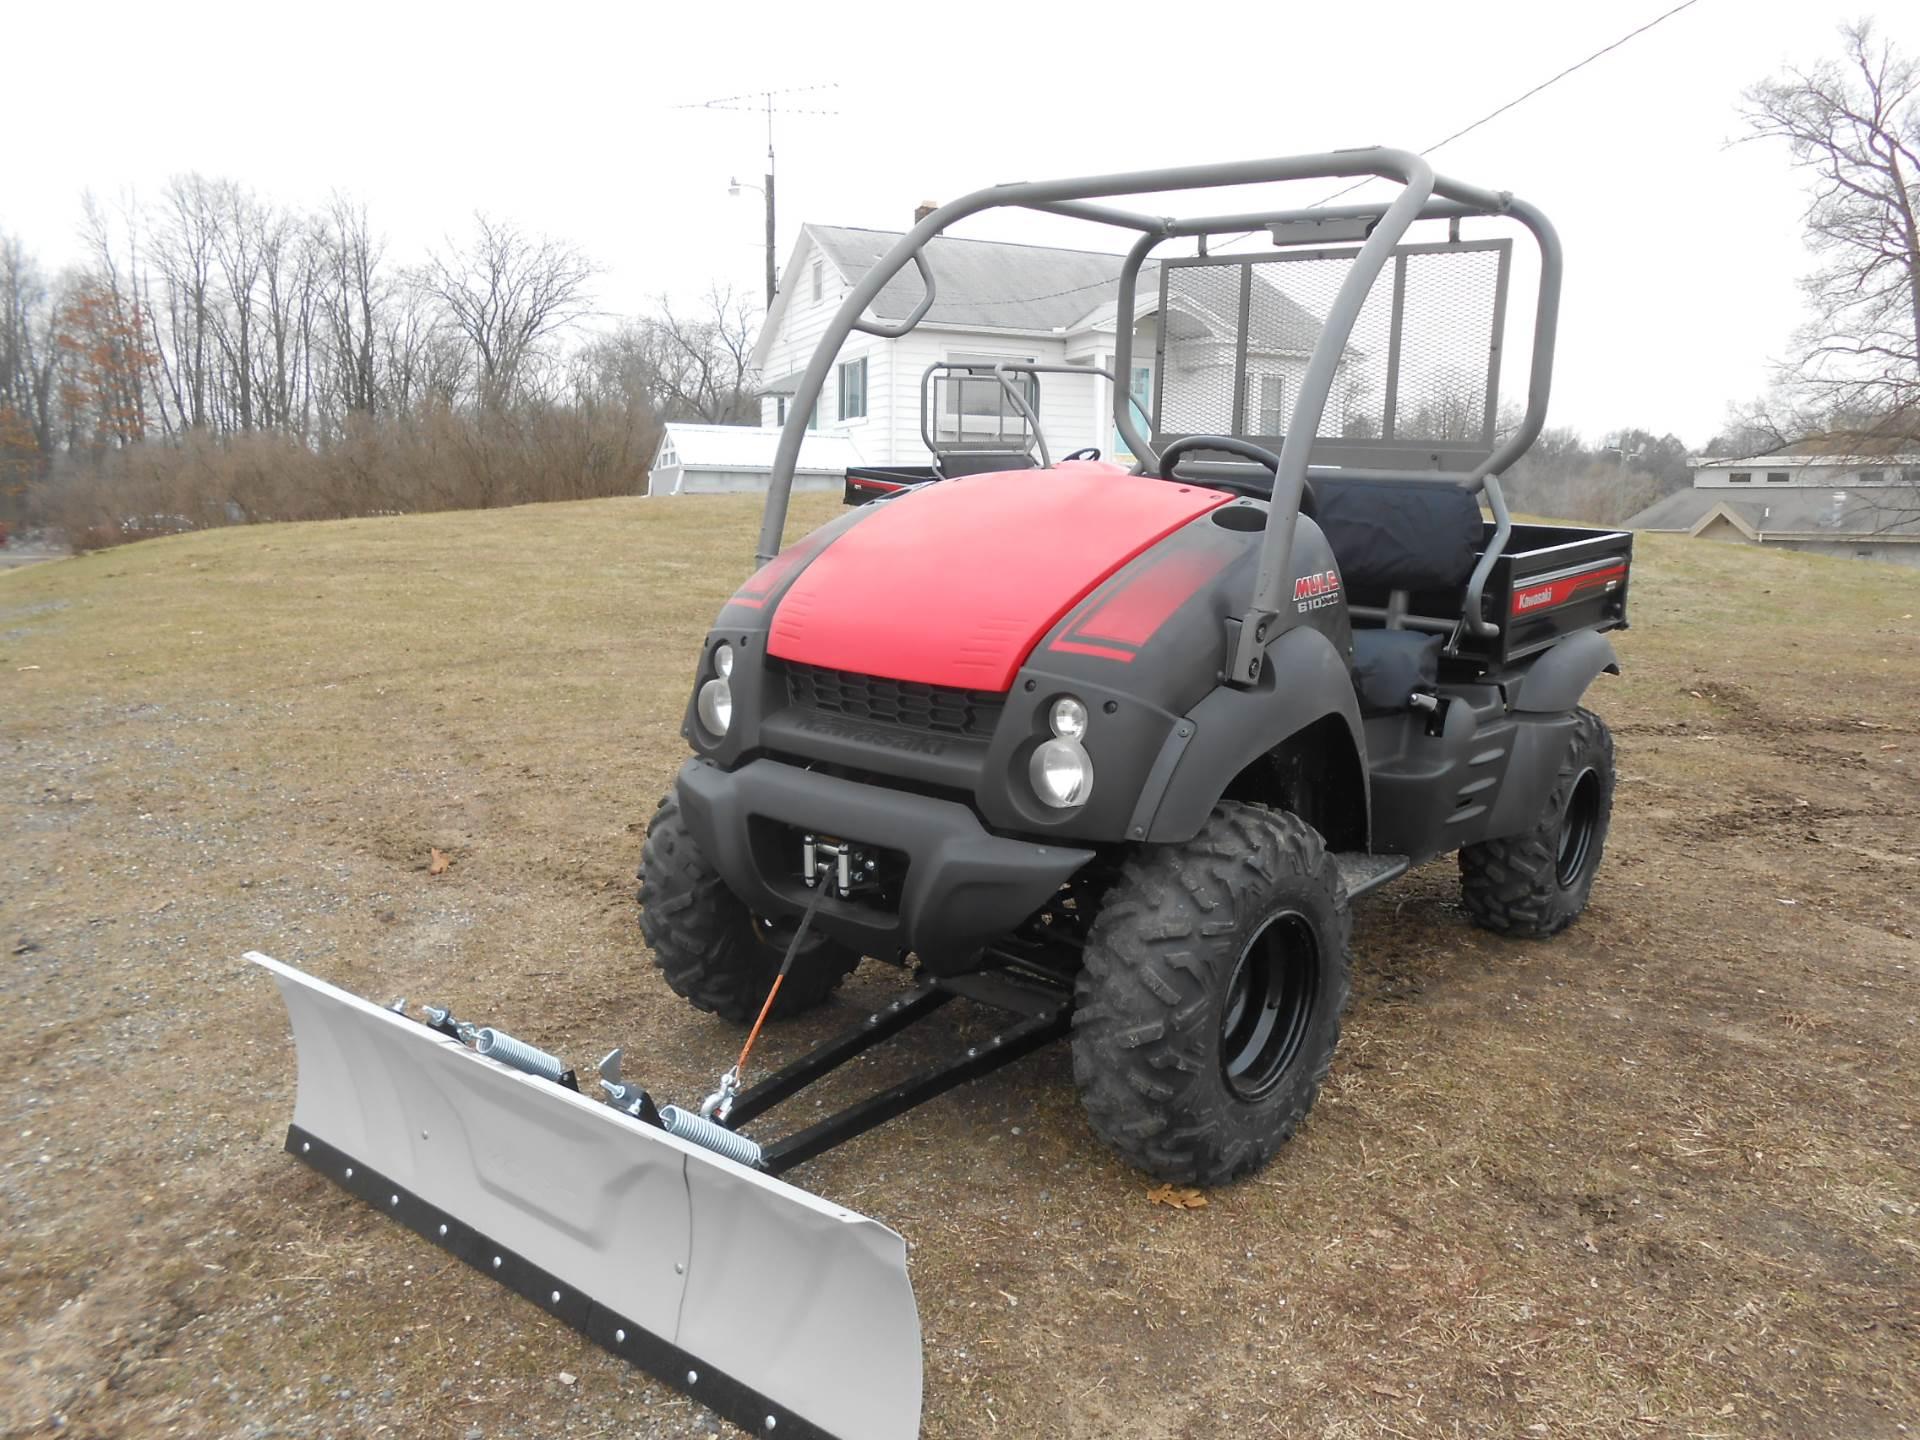 2013 Mule 610 4x4 XC